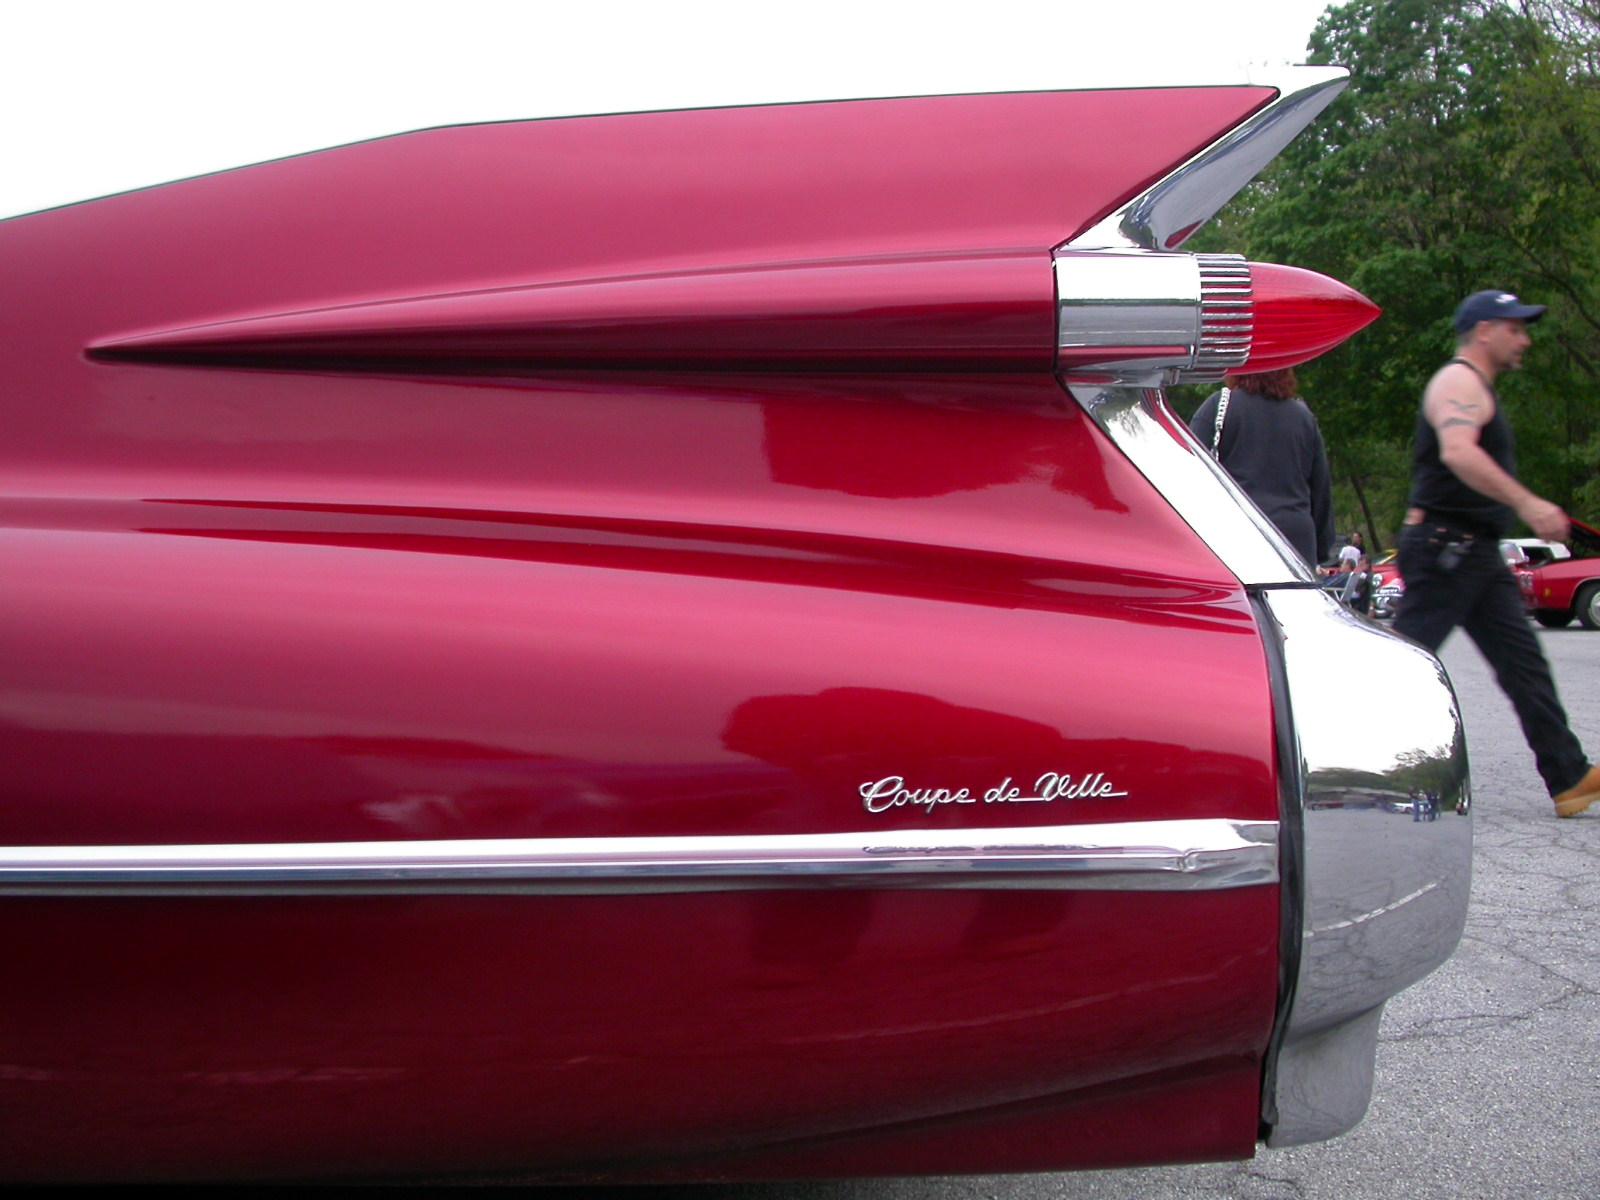 Cadillac tailfin